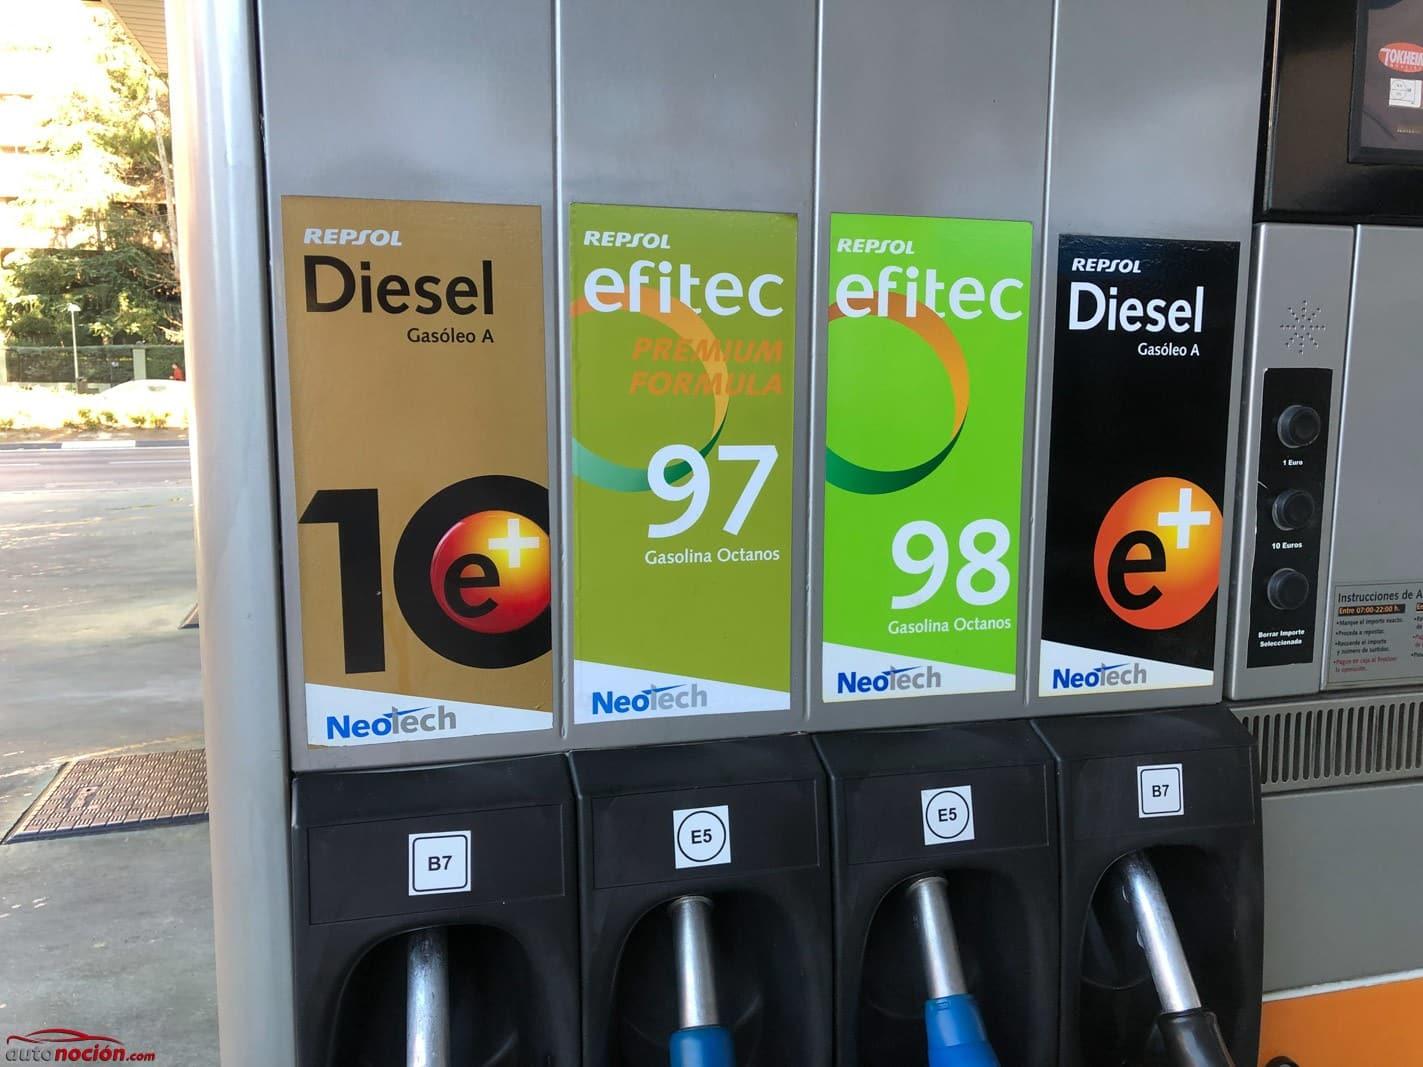 Gasolina 97 octanos